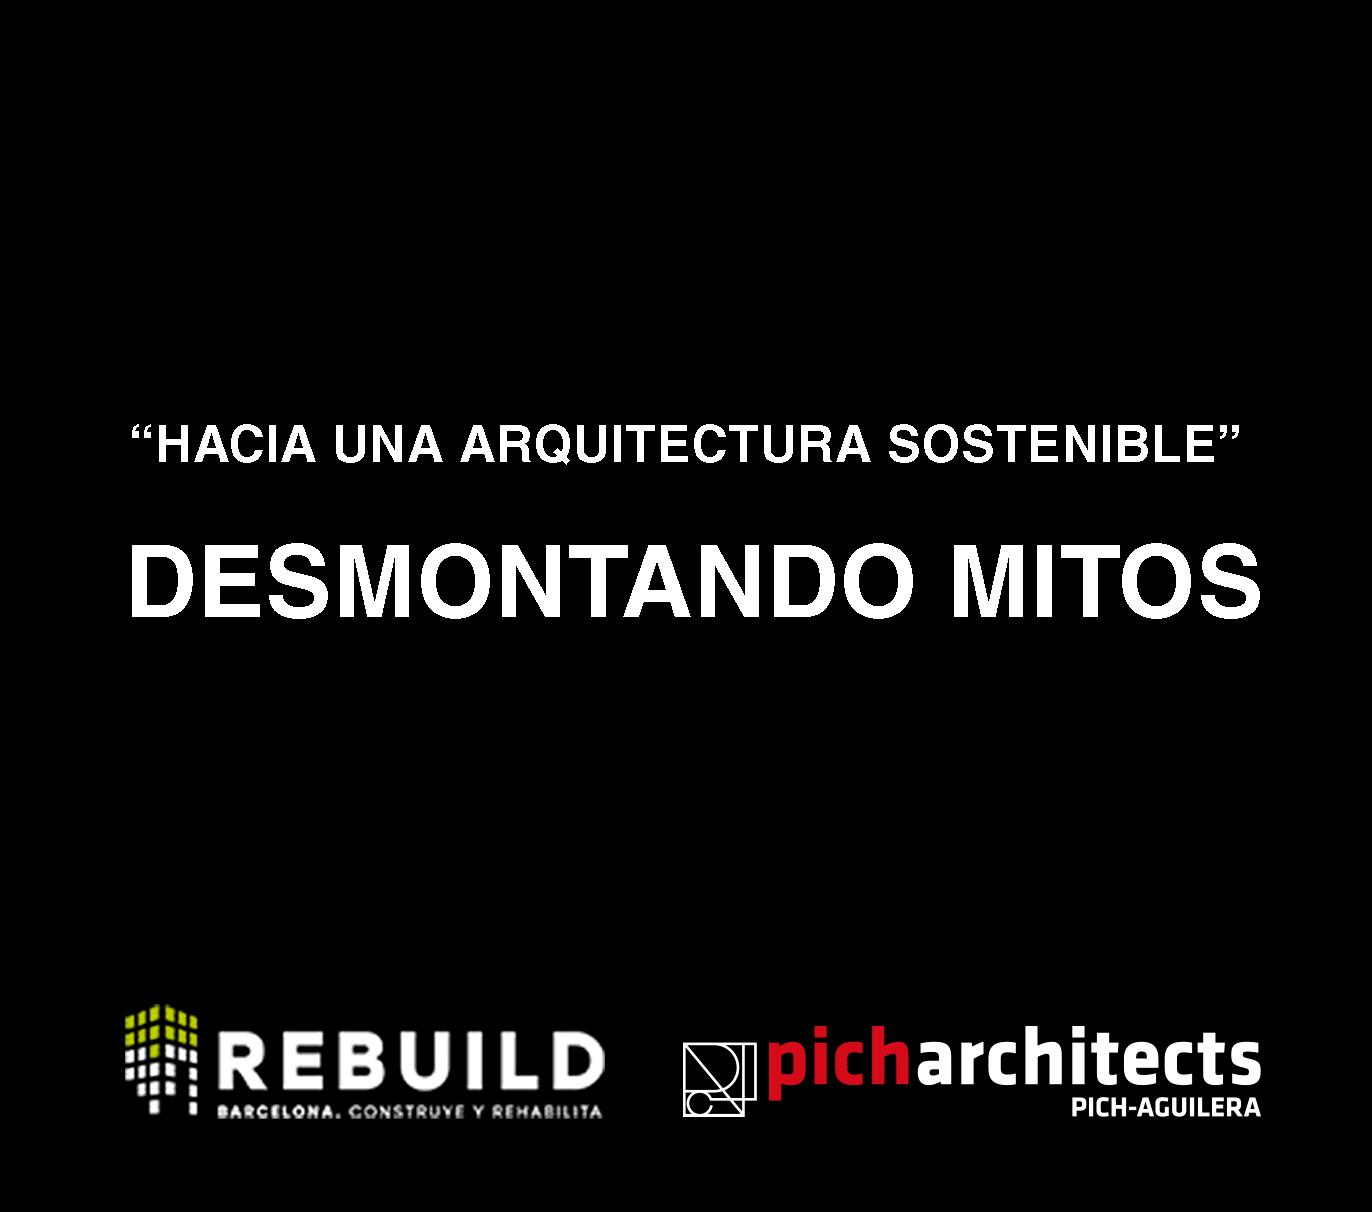 Hacia una Arquitectura Sostenible Picharchitects